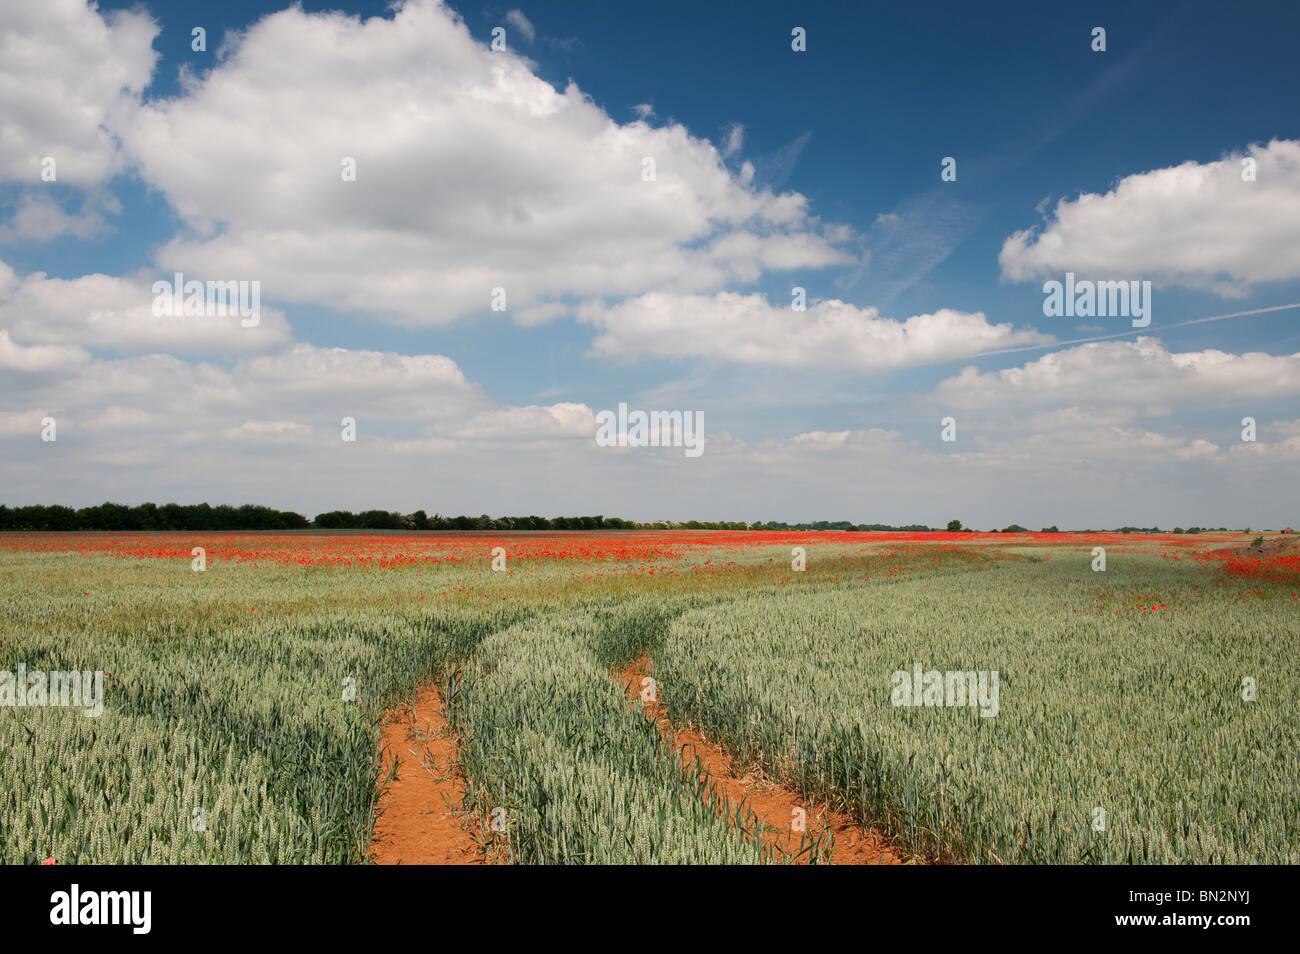 Las orugas del tractor a través de un campo de trigo y amapolas en la campiña inglesa Imagen De Stock